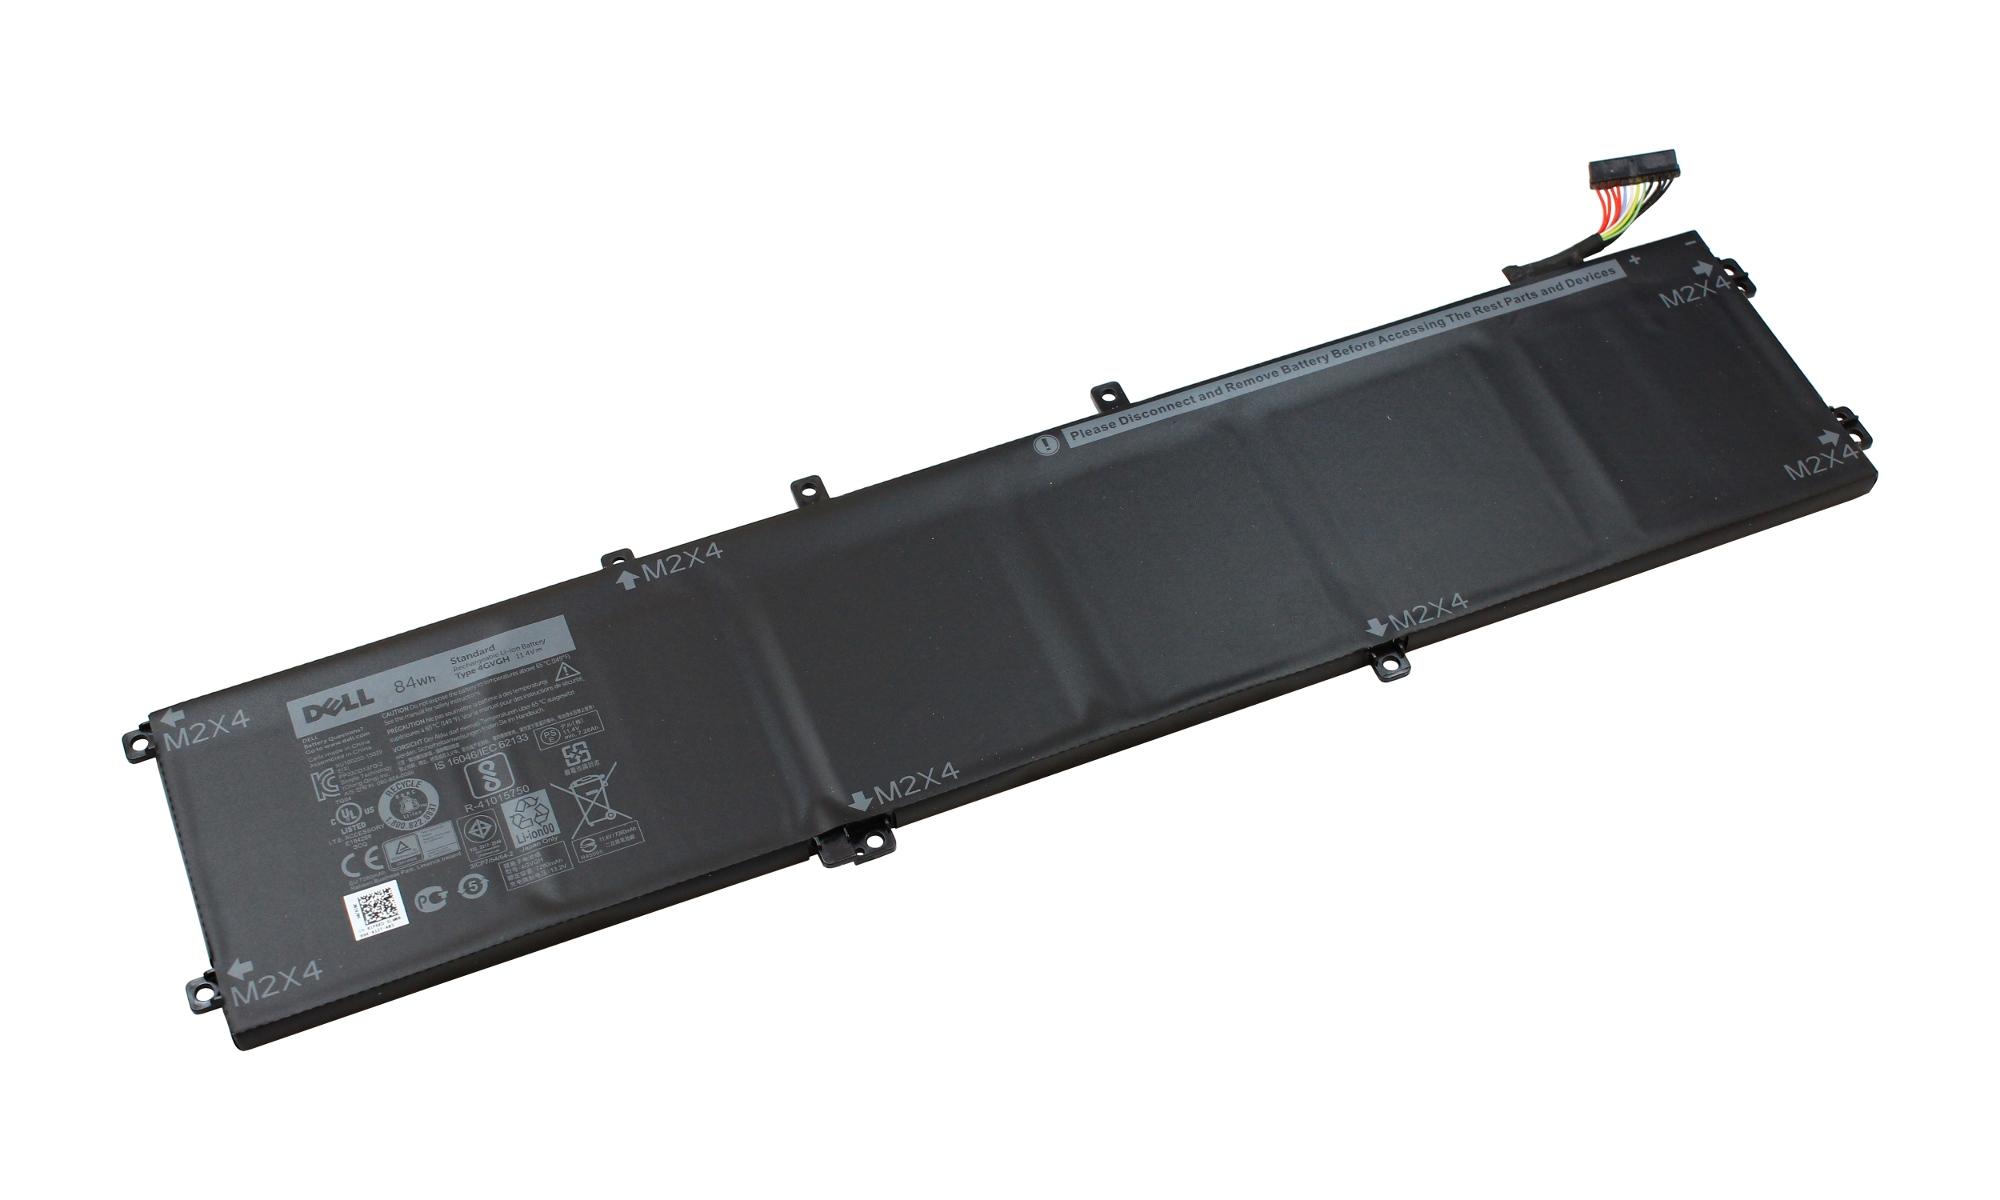 Baterie originala extinsa Dell Precision 15 5510, Type 4GVGH, 84Wh